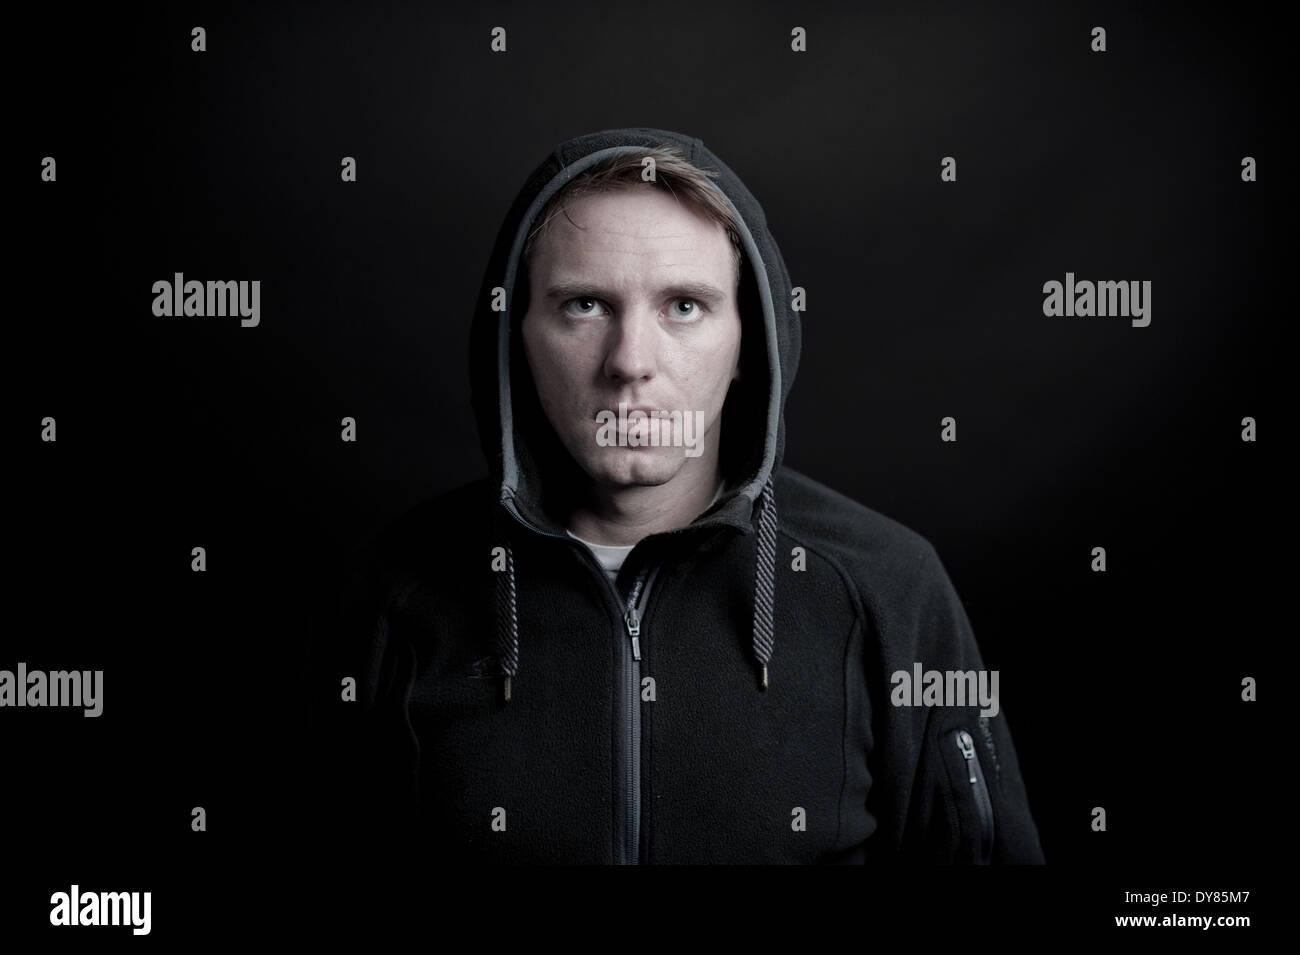 Jeune homme avec capuche Photo Stock